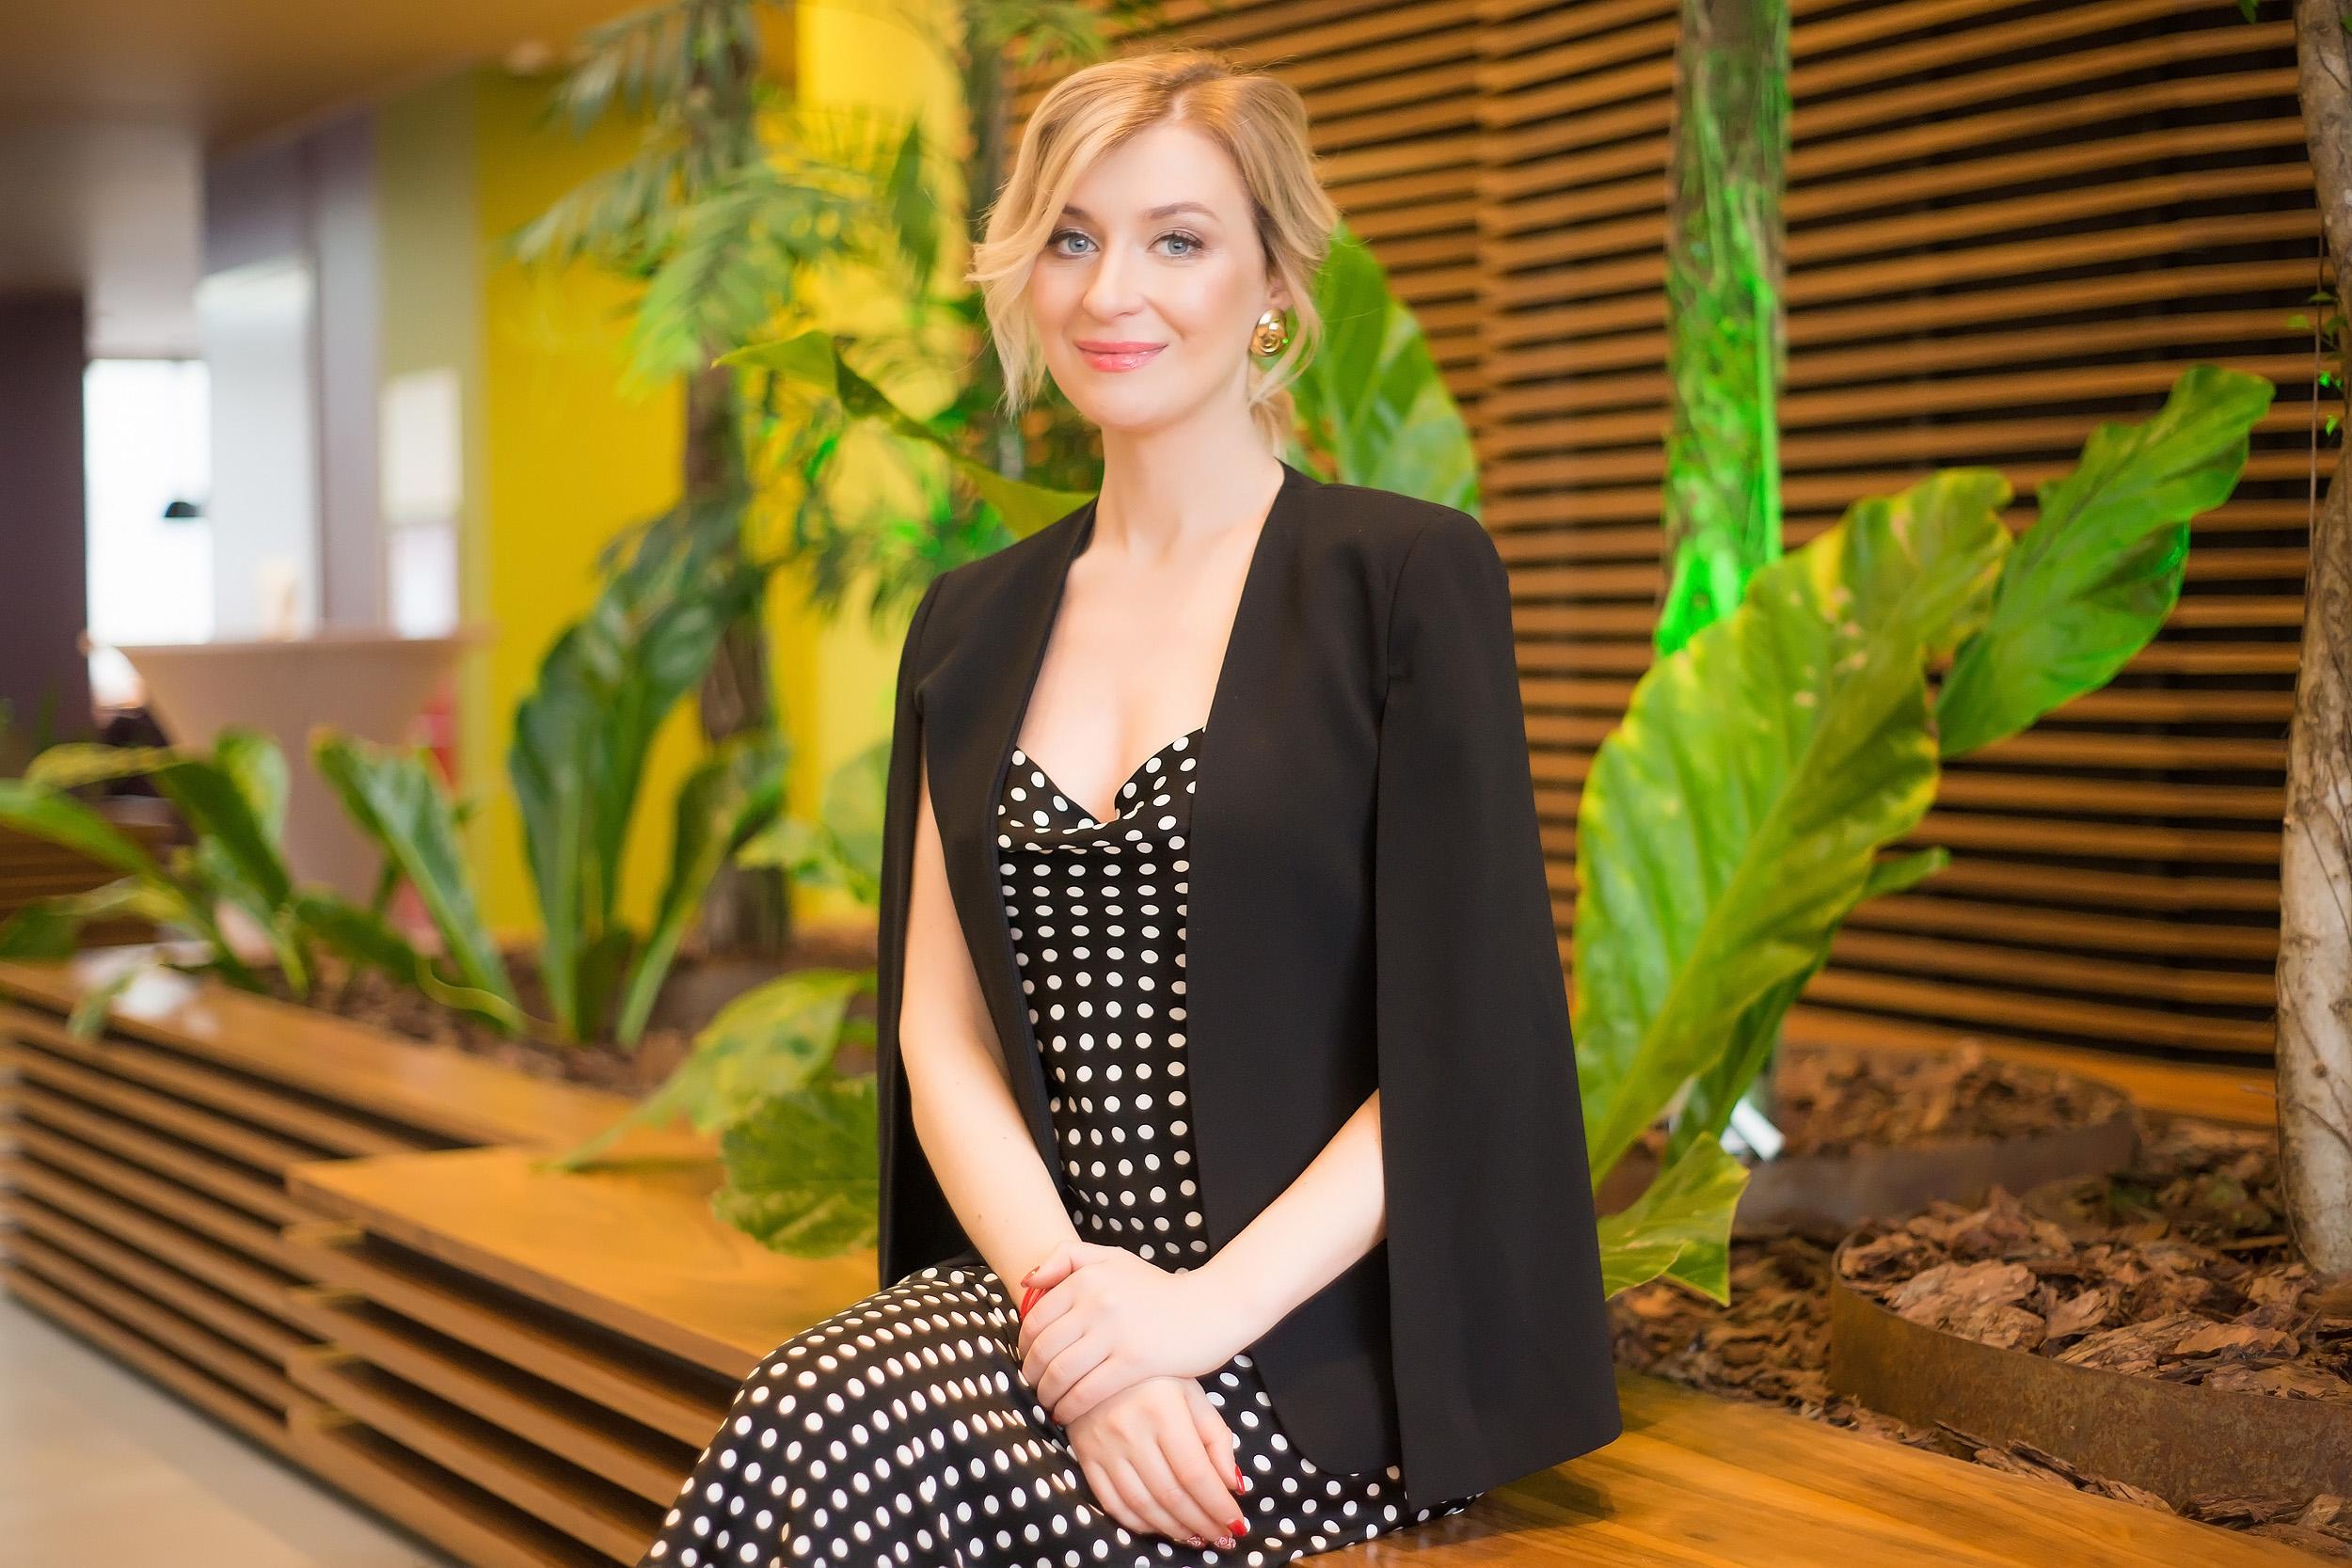 Ирина Козик: «GIS помогает бизнесу развиваться»